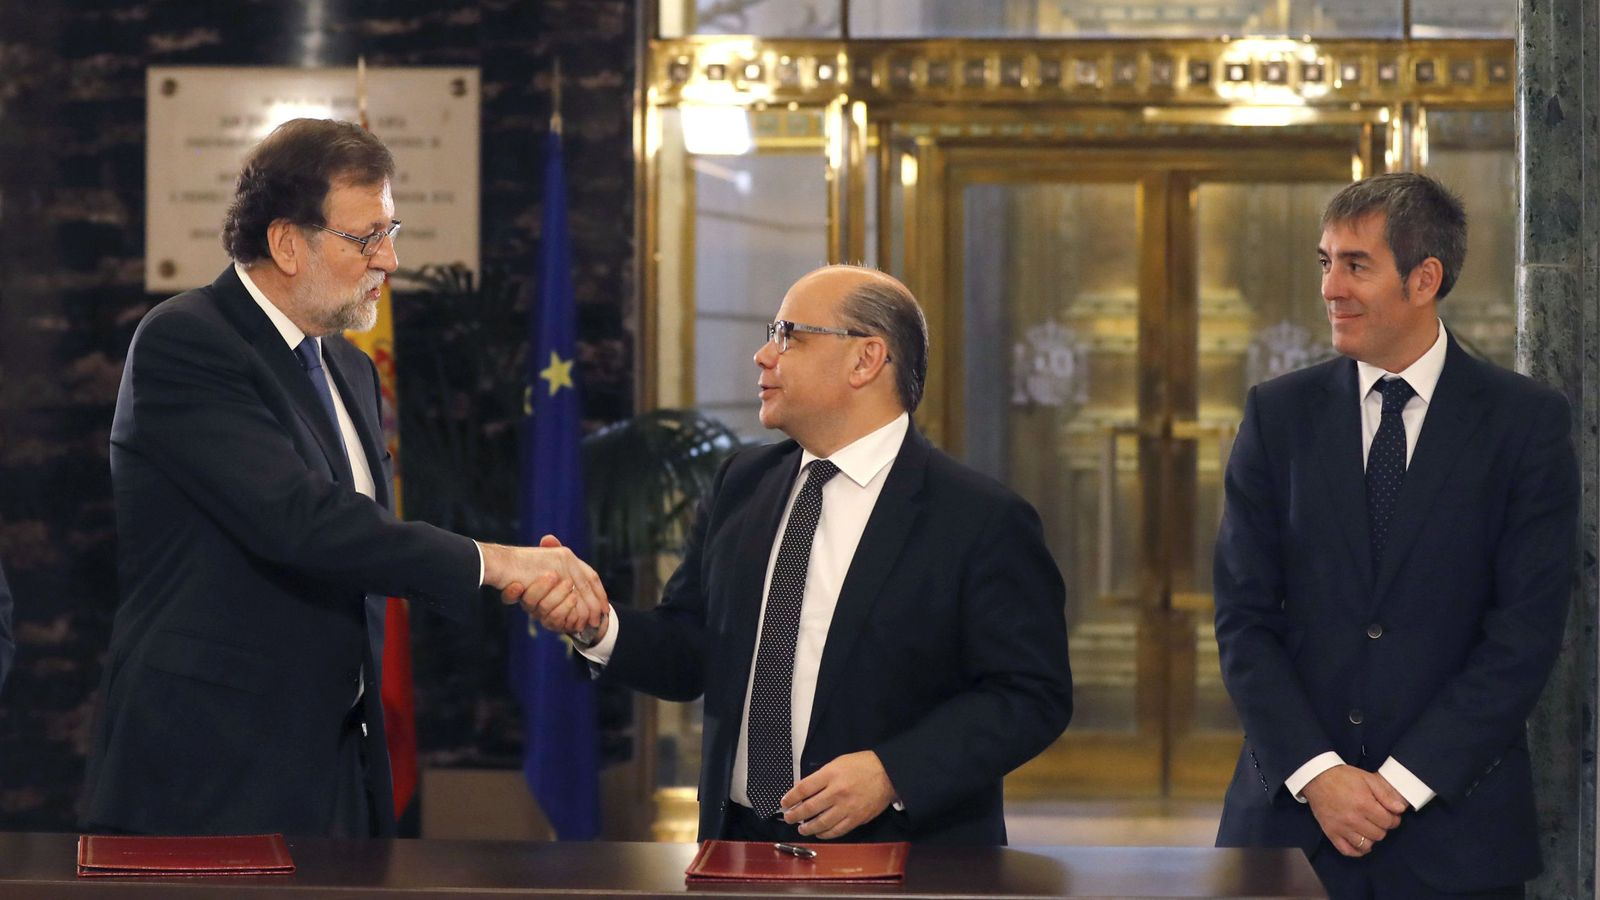 Foto: Mariano Rajoy saluda al secretario general de Coalición Canaria, José Miguel Barragán, en presencia del presidente de Canarias, Fernando Clavijo (EFE)